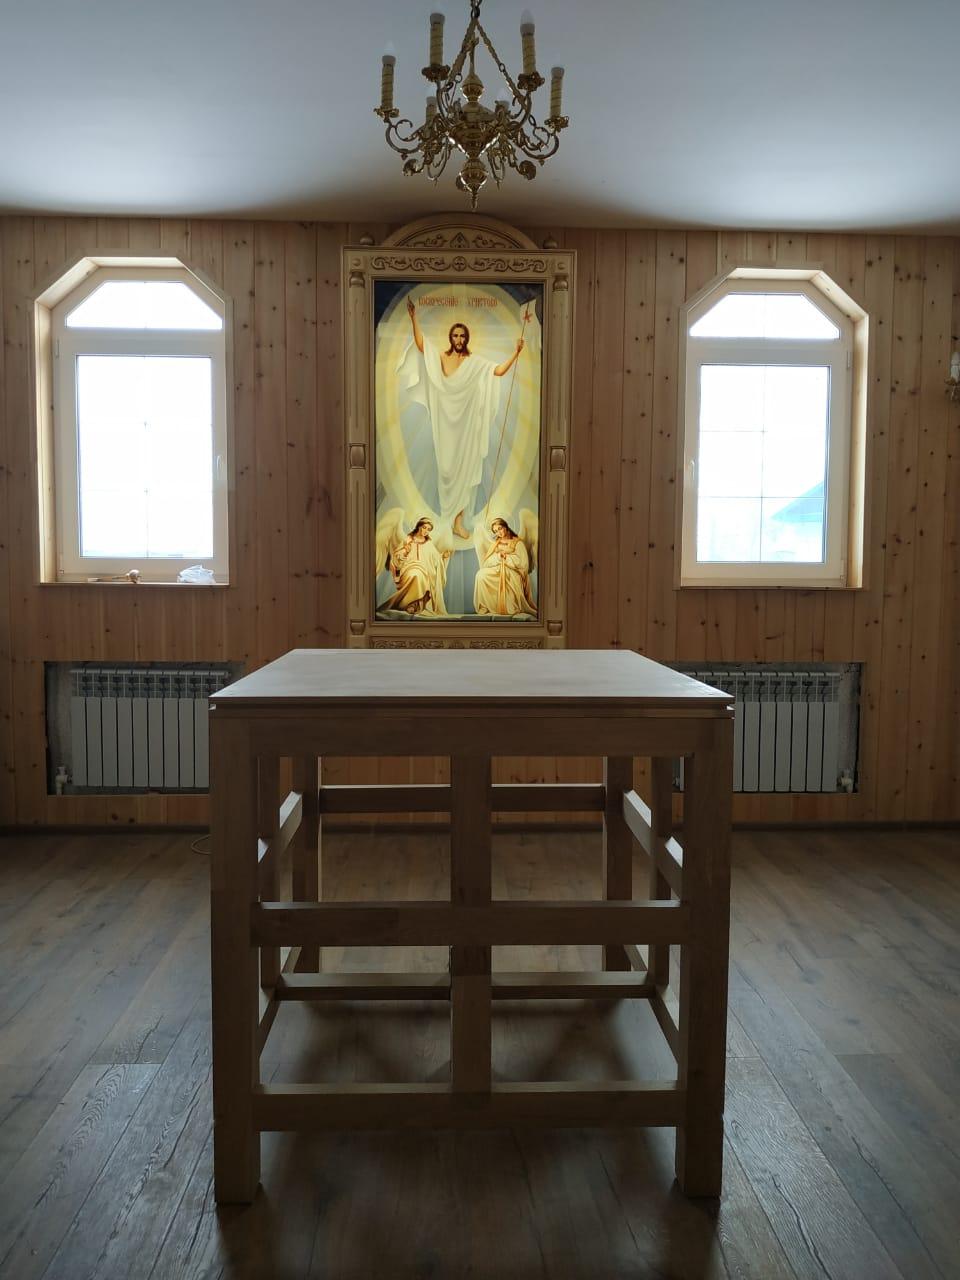 Жертвенник, престол и запрестольная икона установлены в храме Марии Магдалины в ЕАО